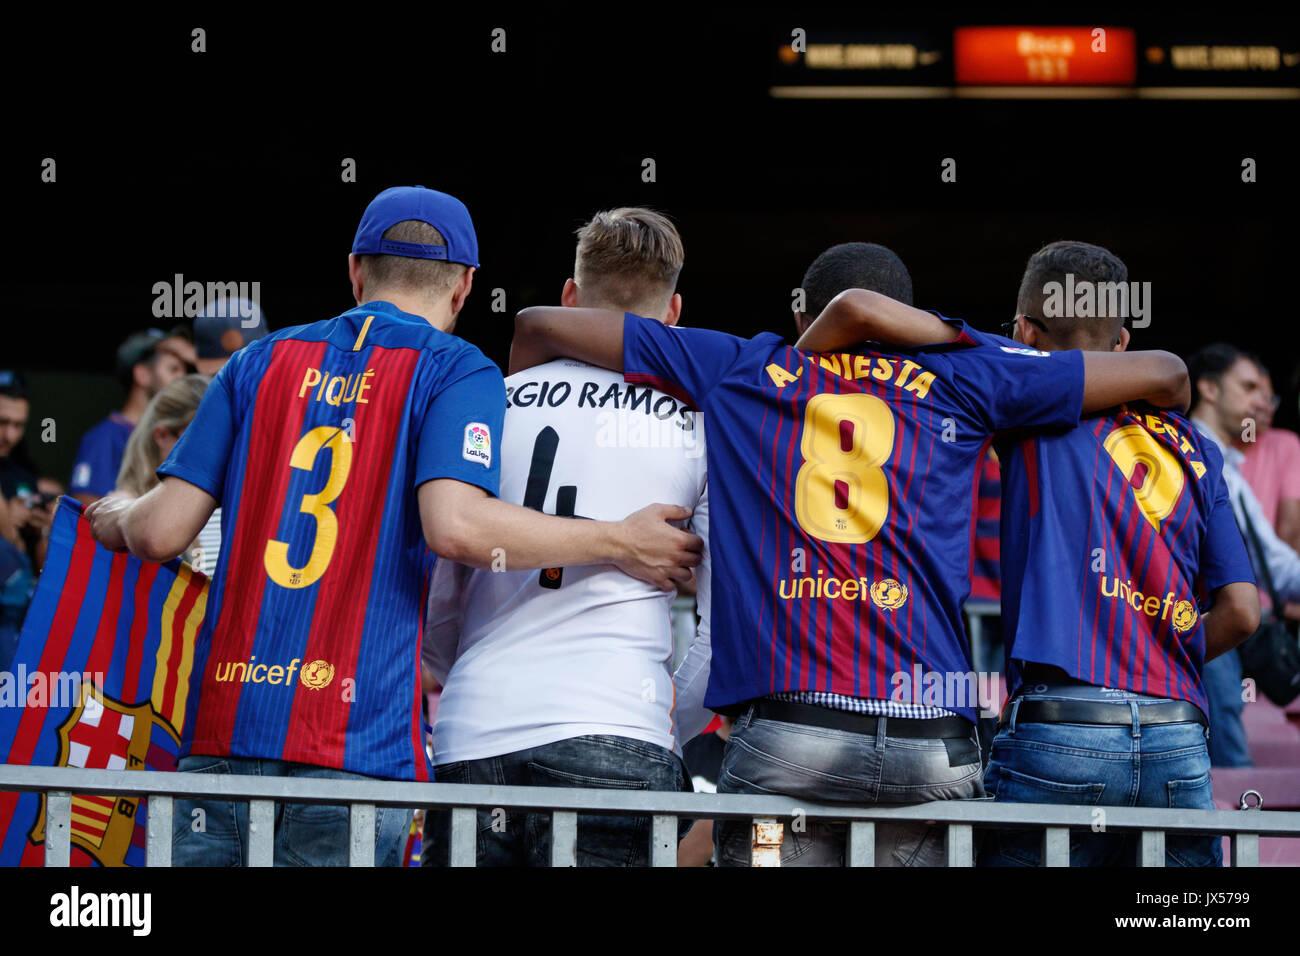 Camp Nou, Barcelona, España. El 13 de agosto, 2017. La Supercopa de España entre el FC Barcelona y Real Madrid. Foto de stock